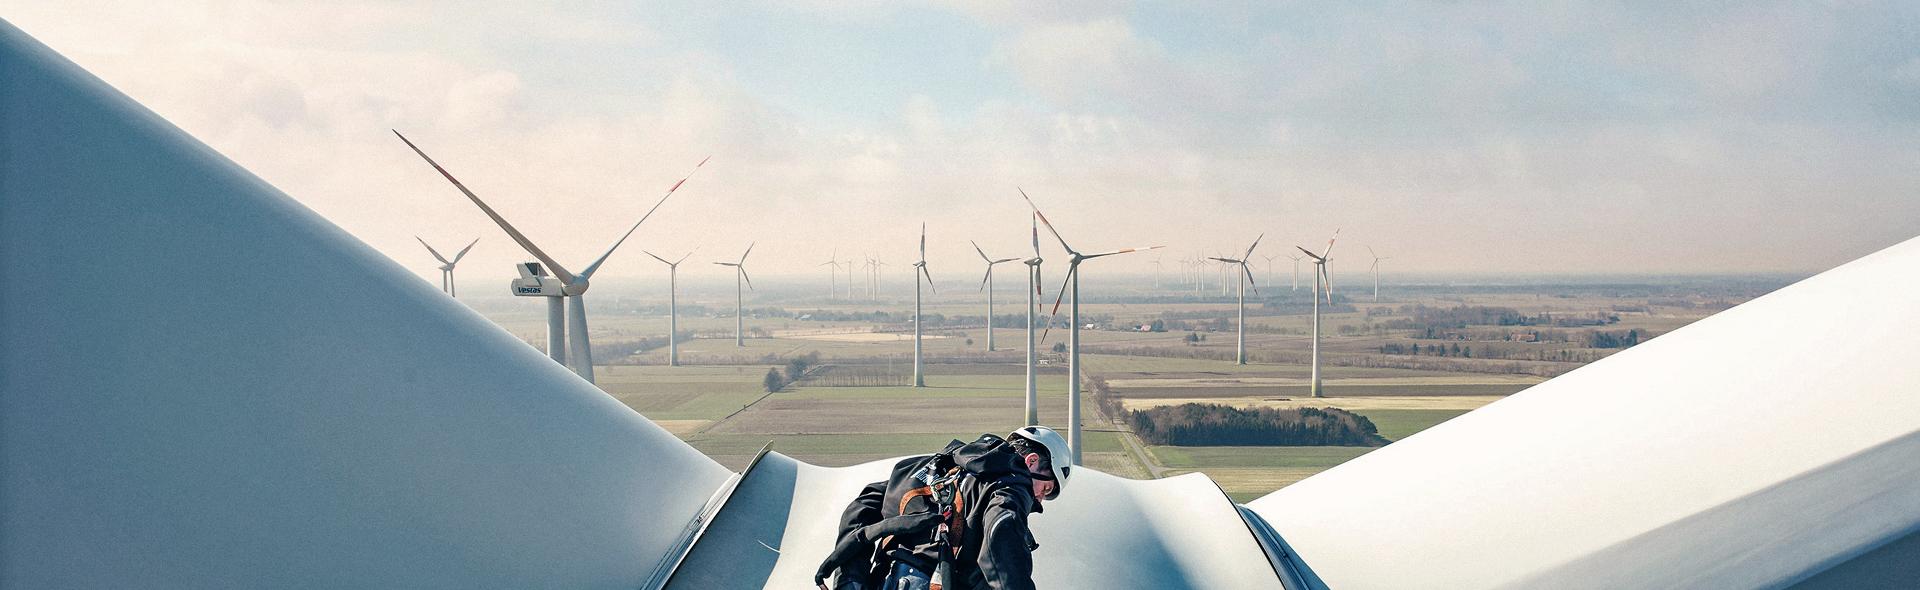 Un technicien sur une éolienne